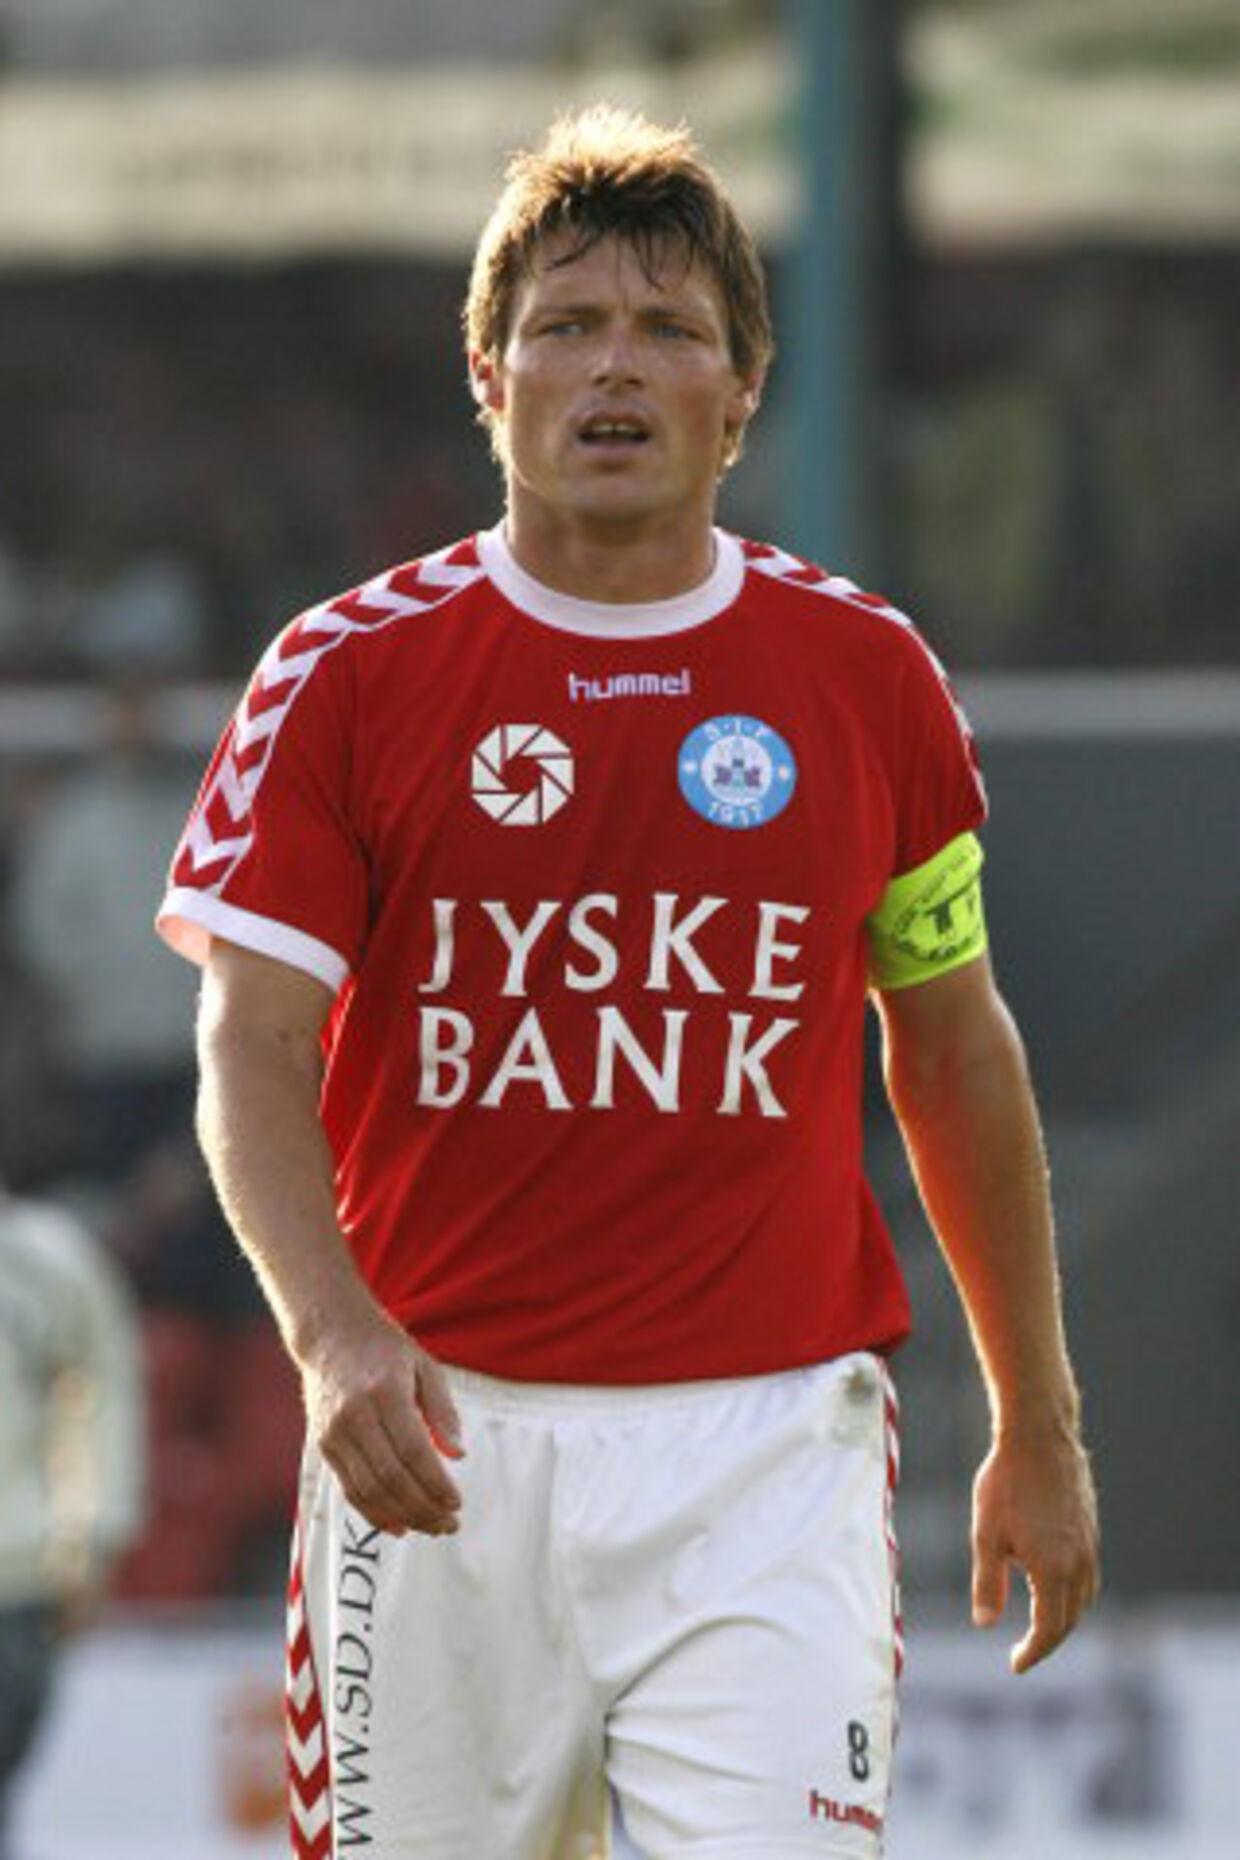 Dermed slutter en lang fodboldkarriere, der siden debuten i marts 1991 og de første seks år i Silkeborg førte Michael Hansen til OB, hollandske NAC Breda, Esbjerg, FC Midtjylland og så hjem til SIF for godt et år siden. Foto: Ernst van Norde